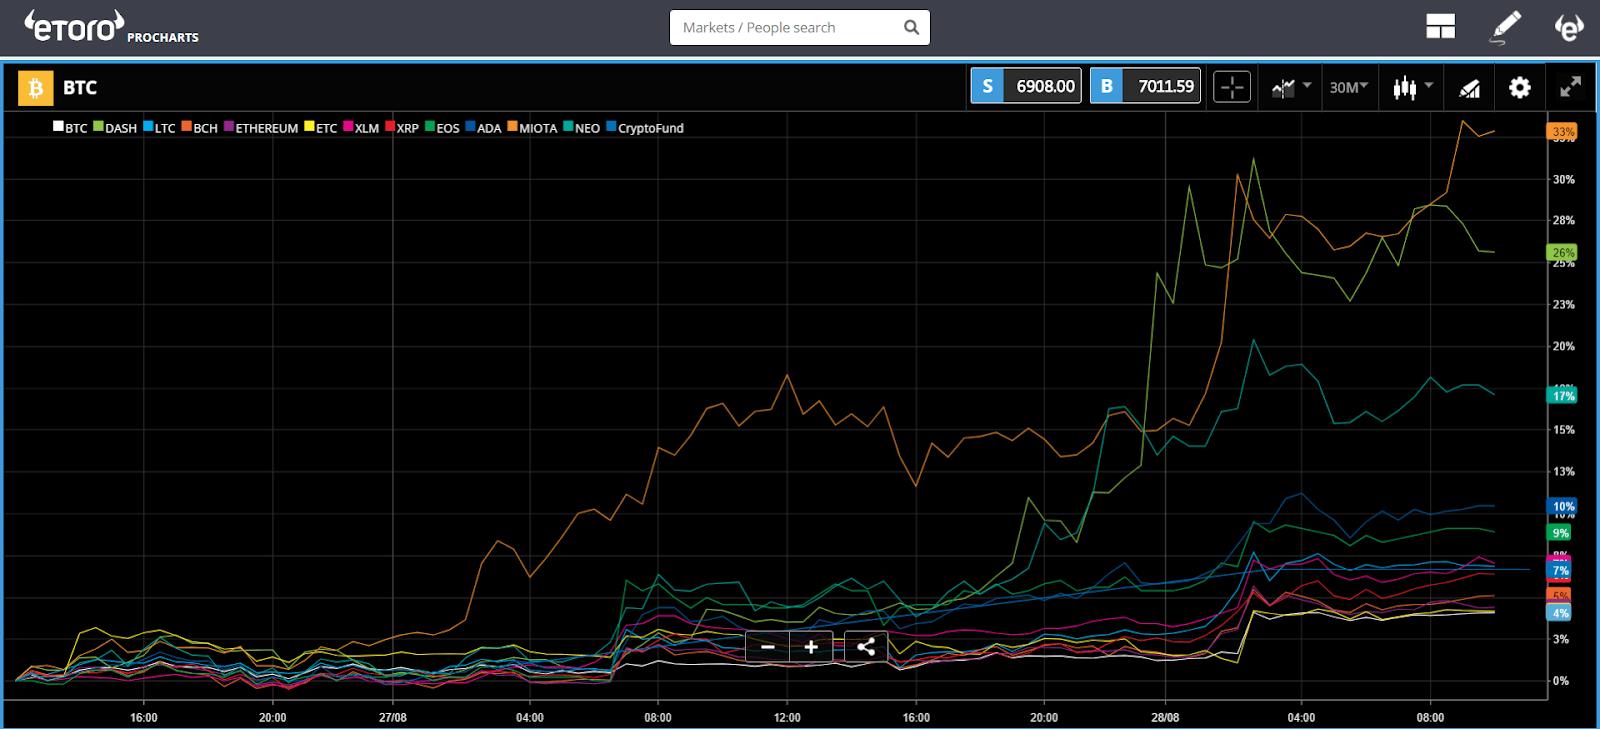 bitcoin, dollar, usd, btc, etoro, crypto, markets, trading,